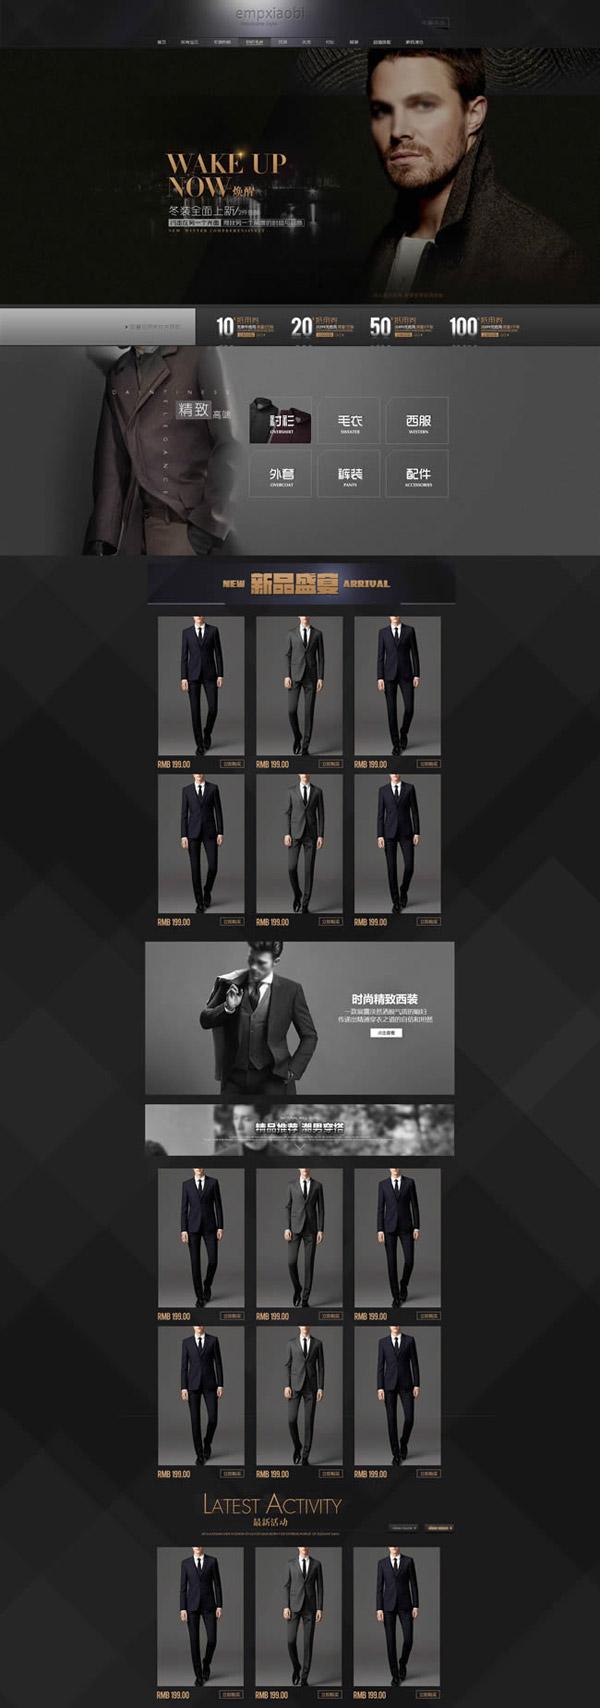 淘宝时尚男装店铺_素材中国sccnn.com